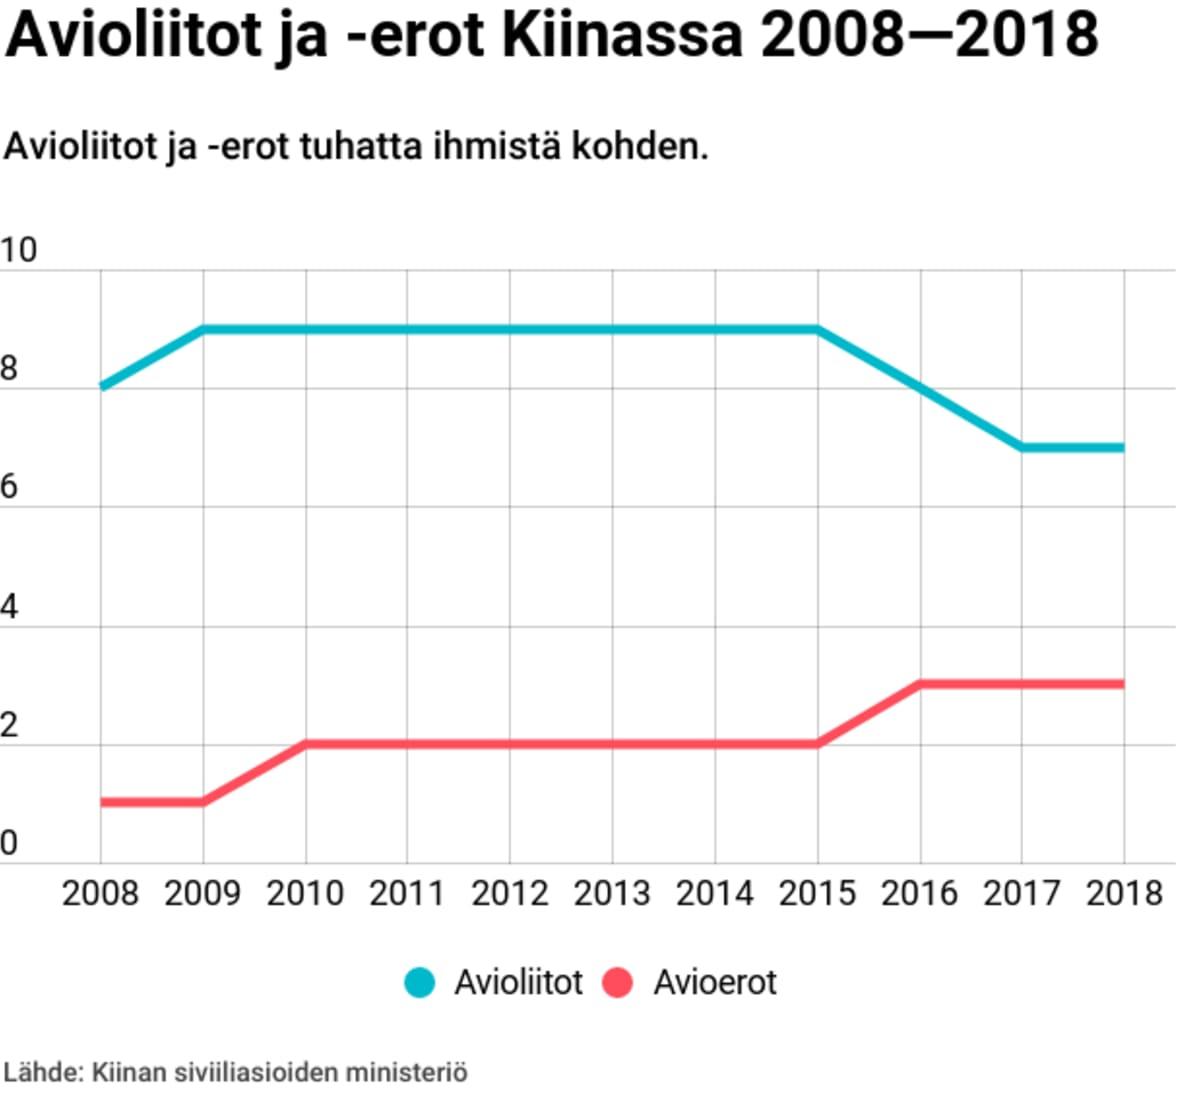 Grafiikkka, joka näyttää avioliittojen ja avioerojen määrässä tapahtuneen muutoksen vuosien 2008 ja 2018 välillä.